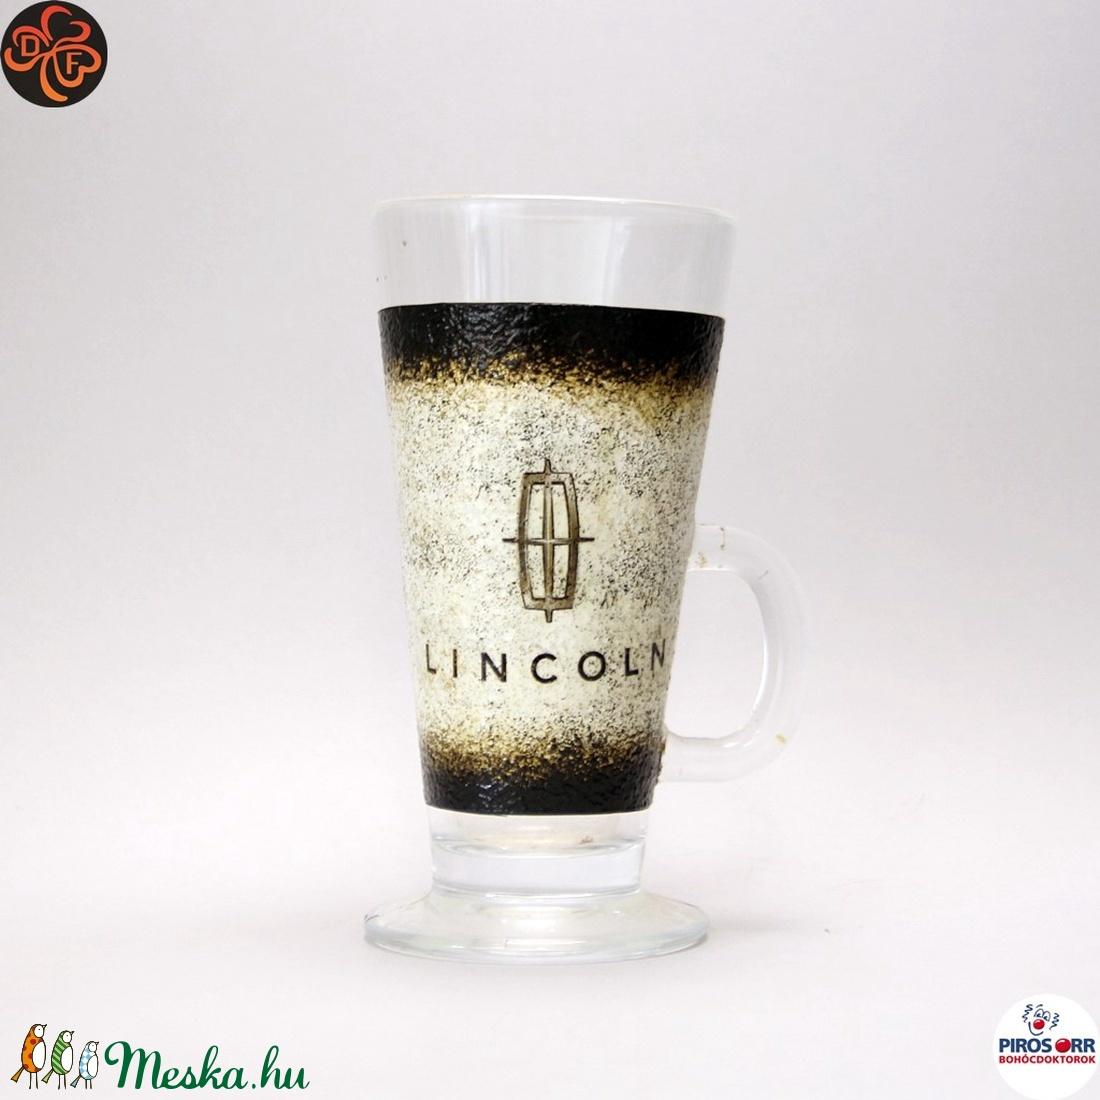 Lincoln emblémás kávéspohár ; amerikai autó kedvelőknek ;kávé imádóknak (decorfantasy) - Meska.hu